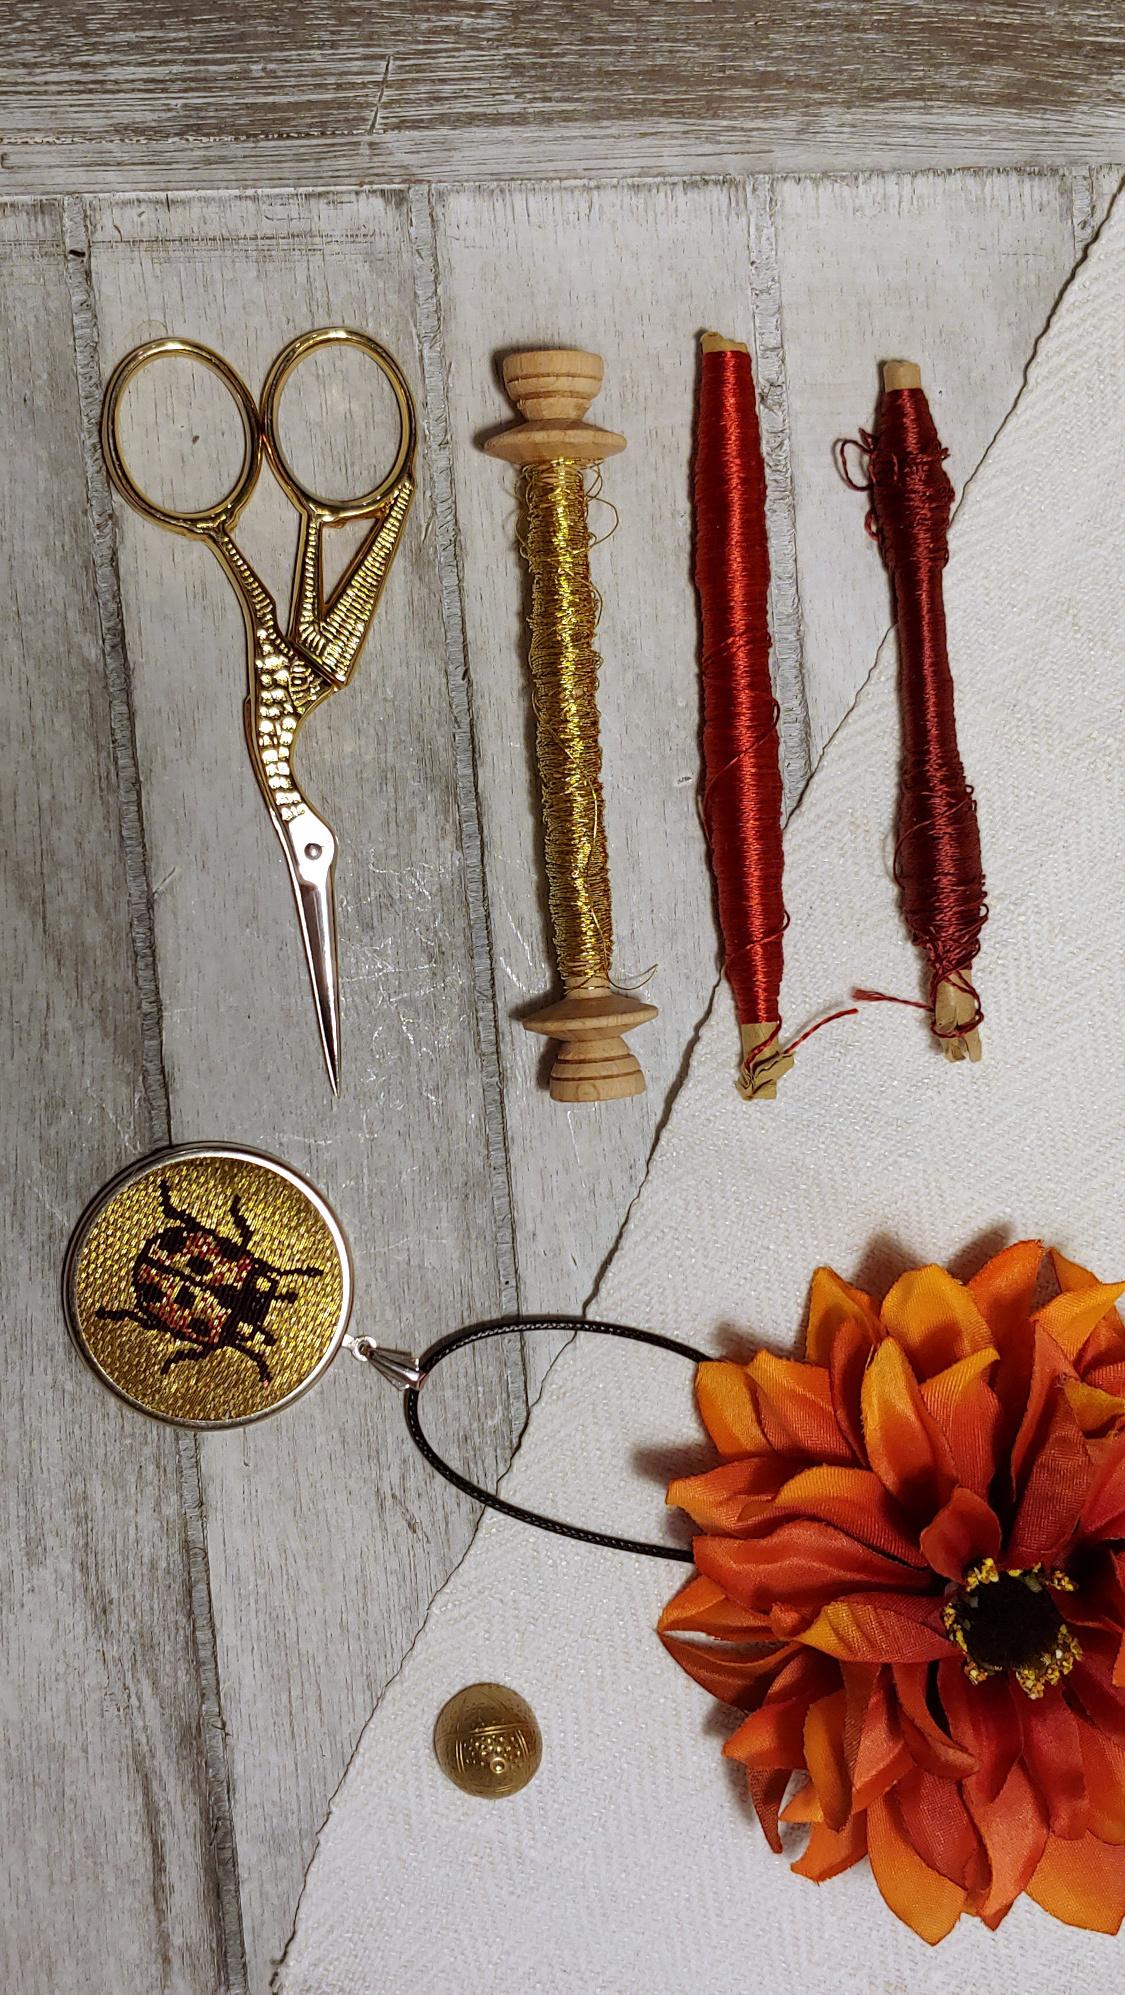 taccessoire, bestickter, blumen, blumenstickerei, botanical, dirndl, dirndlaccessoire, dirndlaccessoires , dirndlhochzeit, dirndlkette, dirndlschmuck, diy, embroidered, embroidery, floral, florals, flowers, gestickte, gestickter, handgestickt, handmade, handstitched, Handwerk, individuell, kettenanhänger , nach Wunsch, natural, pendant, pflanzengefärbt, pflanzengefärbte, plantdyed, schmuck, seide, silk, stitched, Tirol, tracht, trachtenhochzeit, trachtenmode, trachtenschmuck , trachtenstickerei, Unikat, Tradition, altes, alte, Fäden, goldfaden, goldthread, or nué, marienkäfer, ladybug